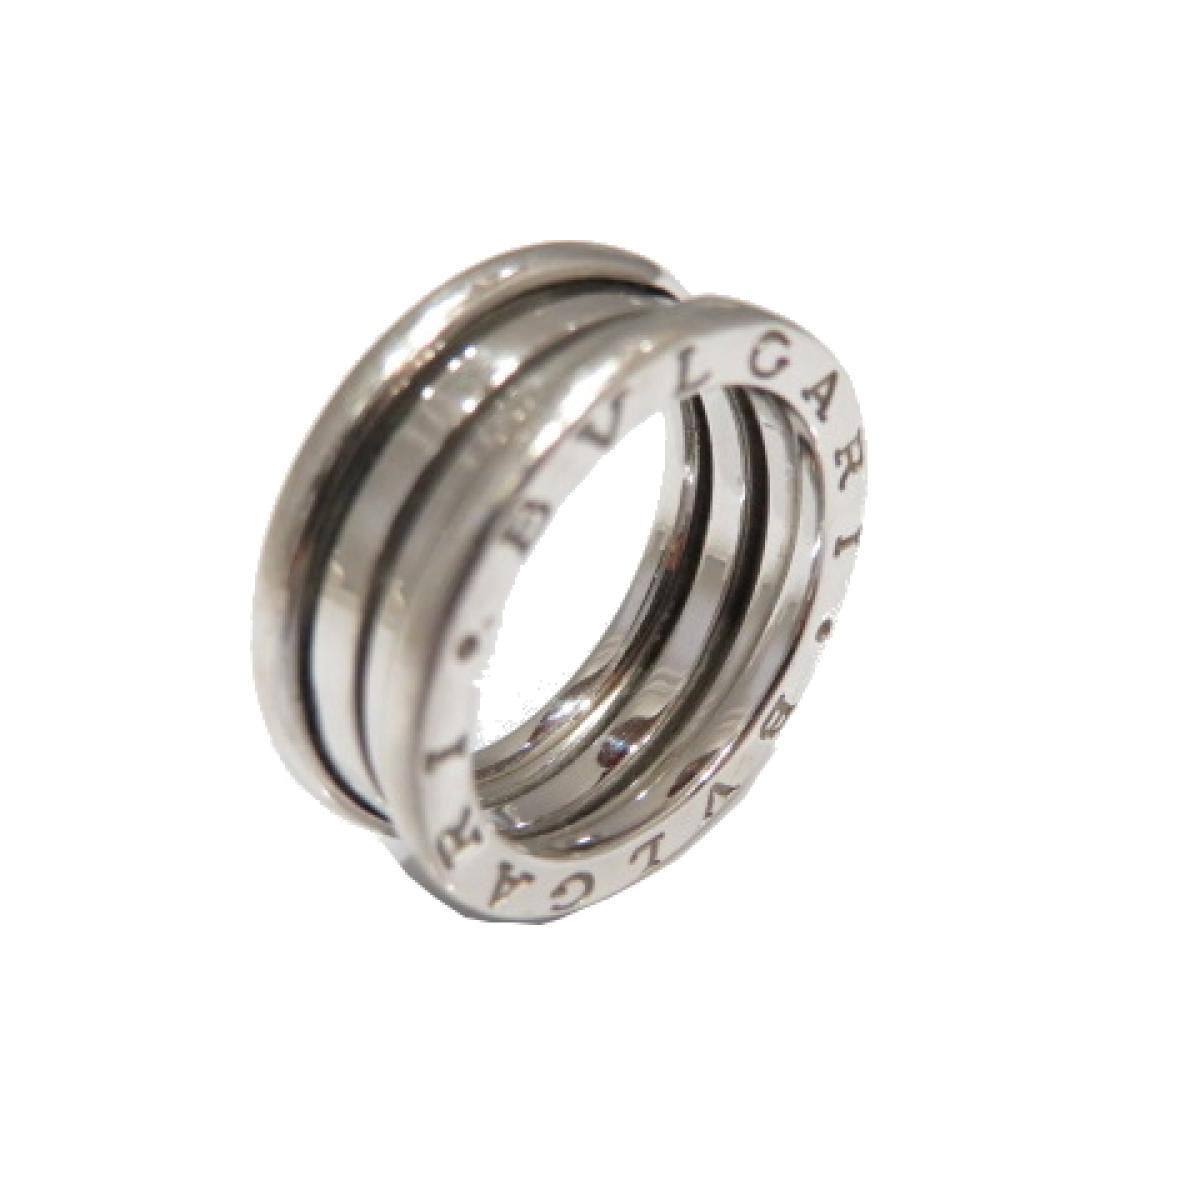 BVLGARI(ブルガリ)/B-zero1 リング Sサイズ 指輪/リング/シルバー系/K18WG(750)ホワイトゴールド/【ランクA】/#55/14号【中古】